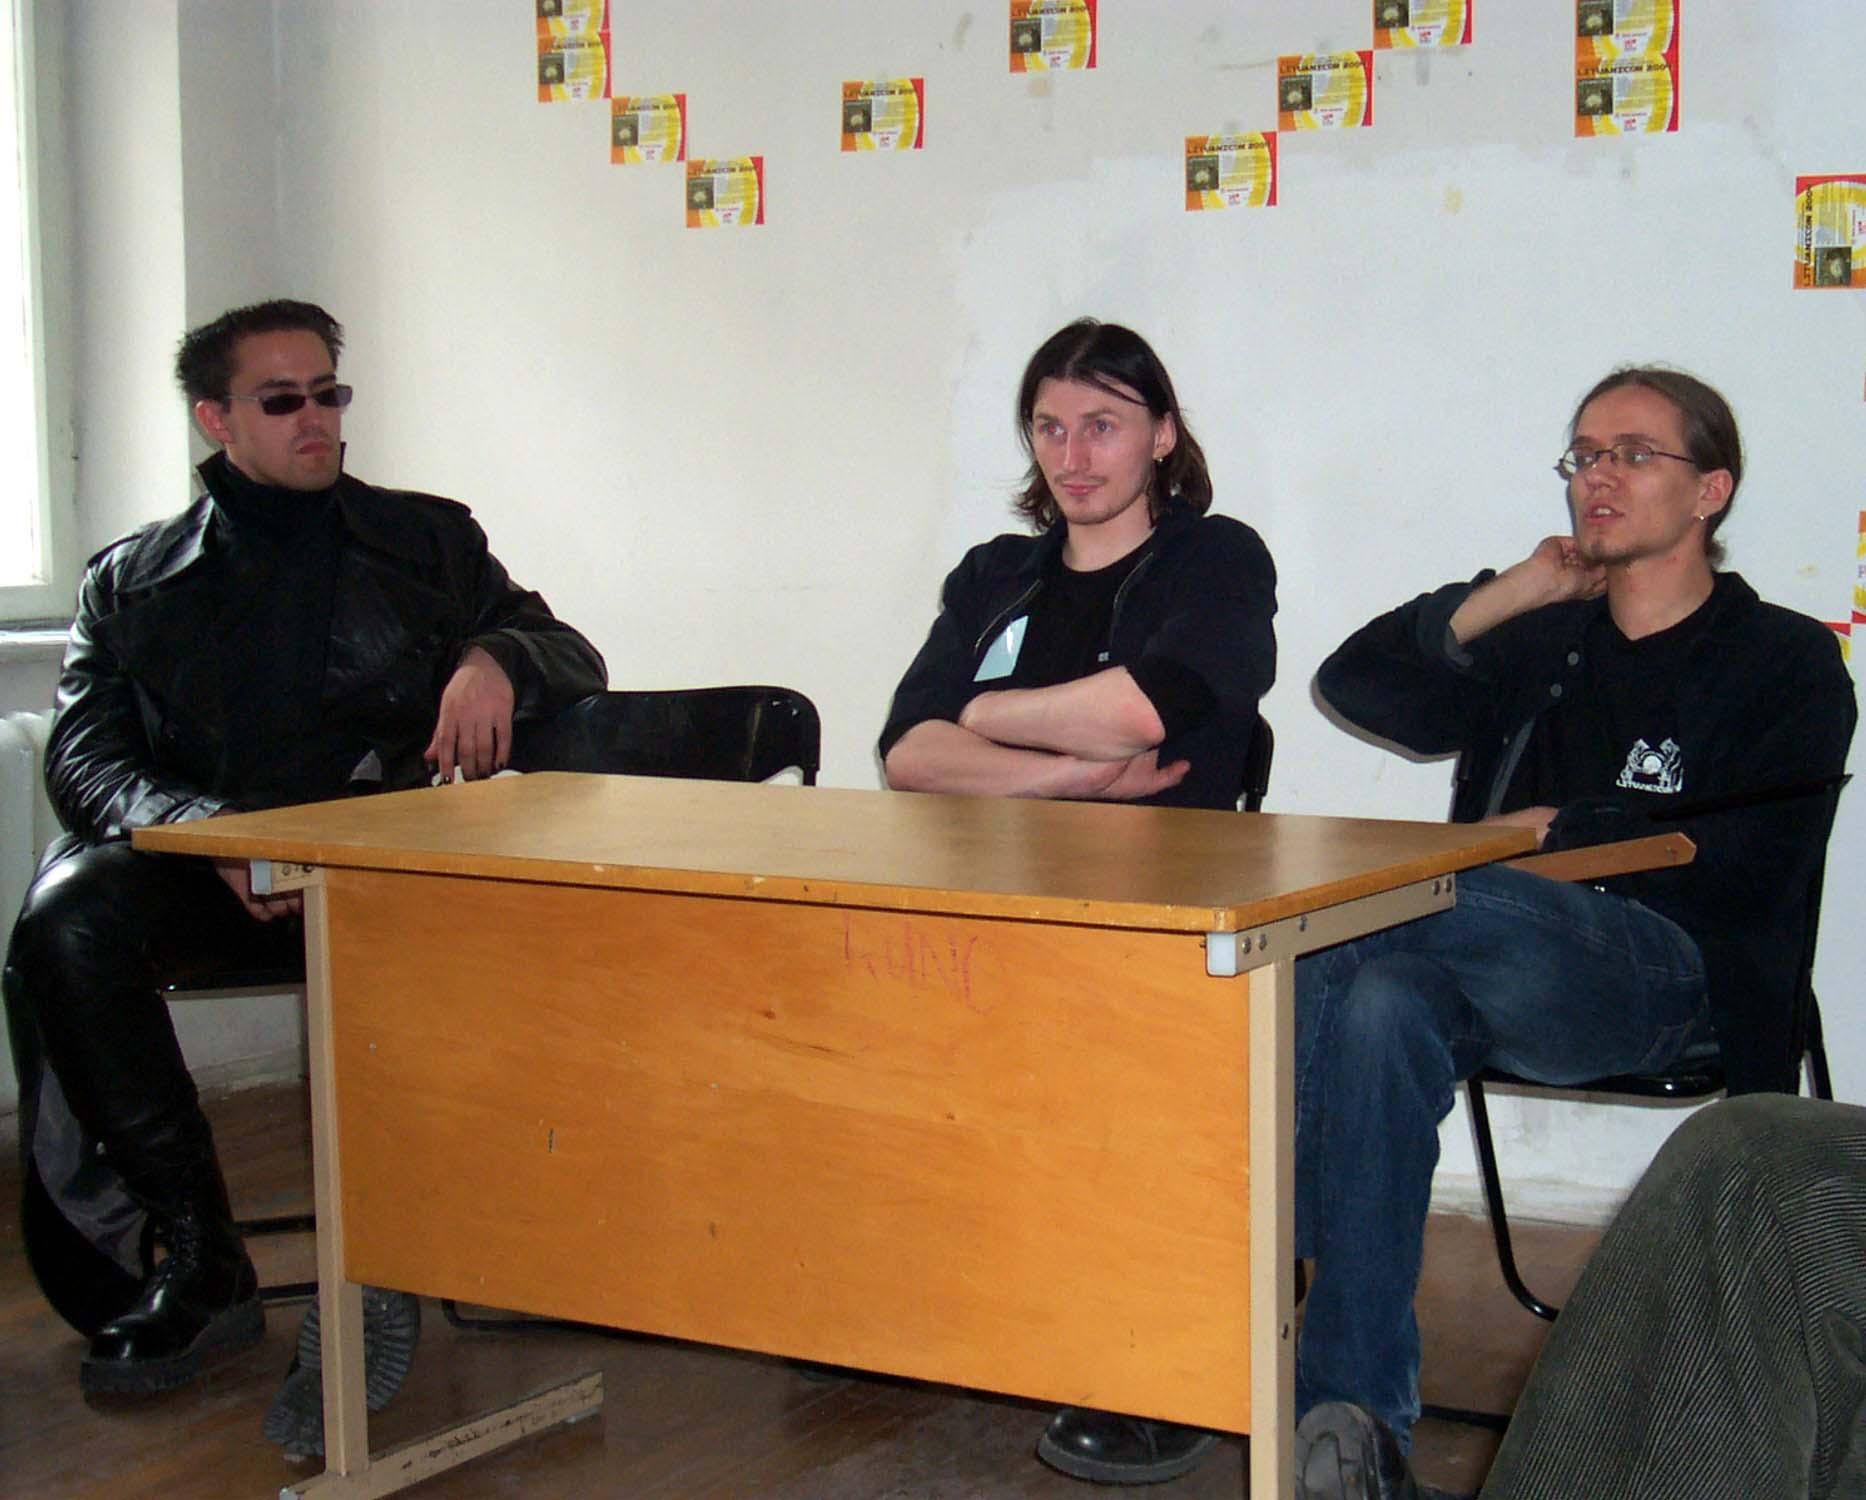 Board meeting of Lithuanian science fiction fandom